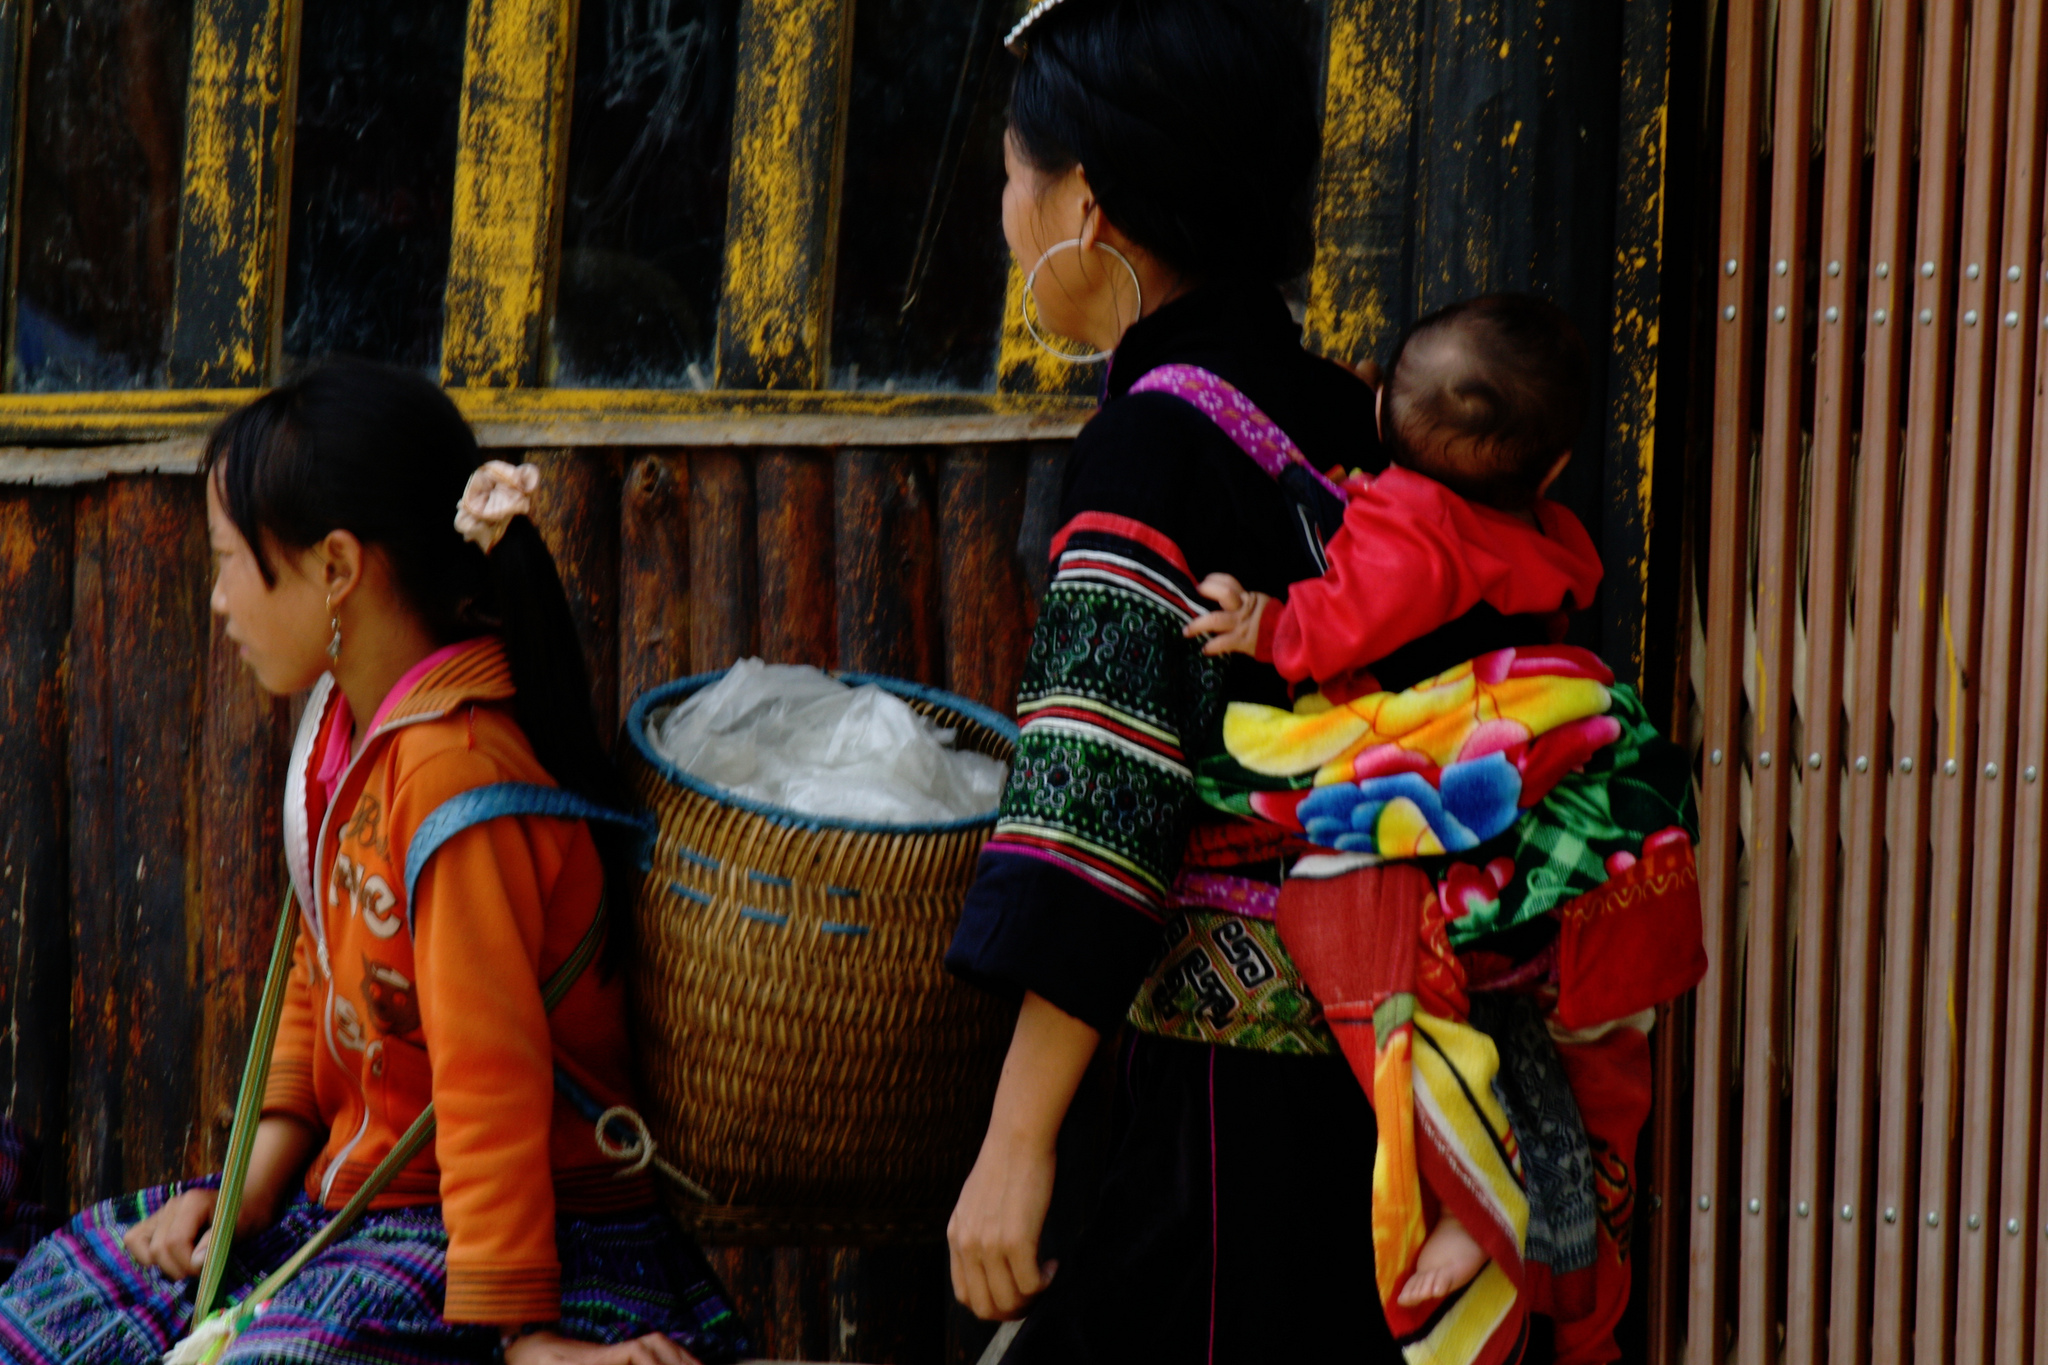 15 Dage - Vidunderlige Vietnam, fra dkk 16695,-